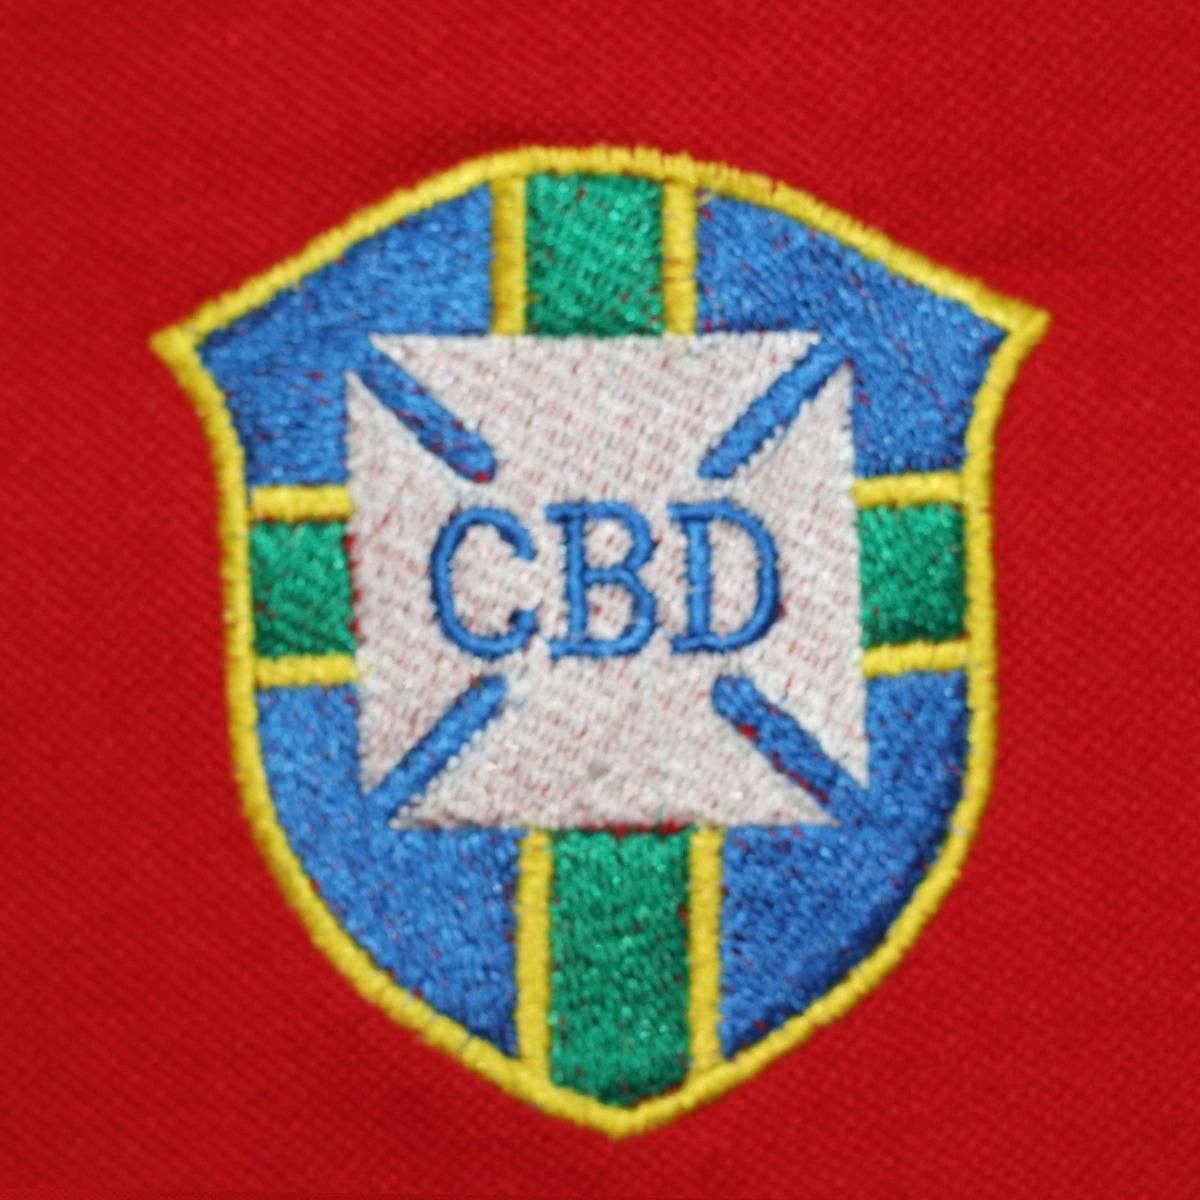 Camisa Seleção Brasileira Vermelha Esquerda Retrô Masculina - R  59 ... 10409b7130ae0